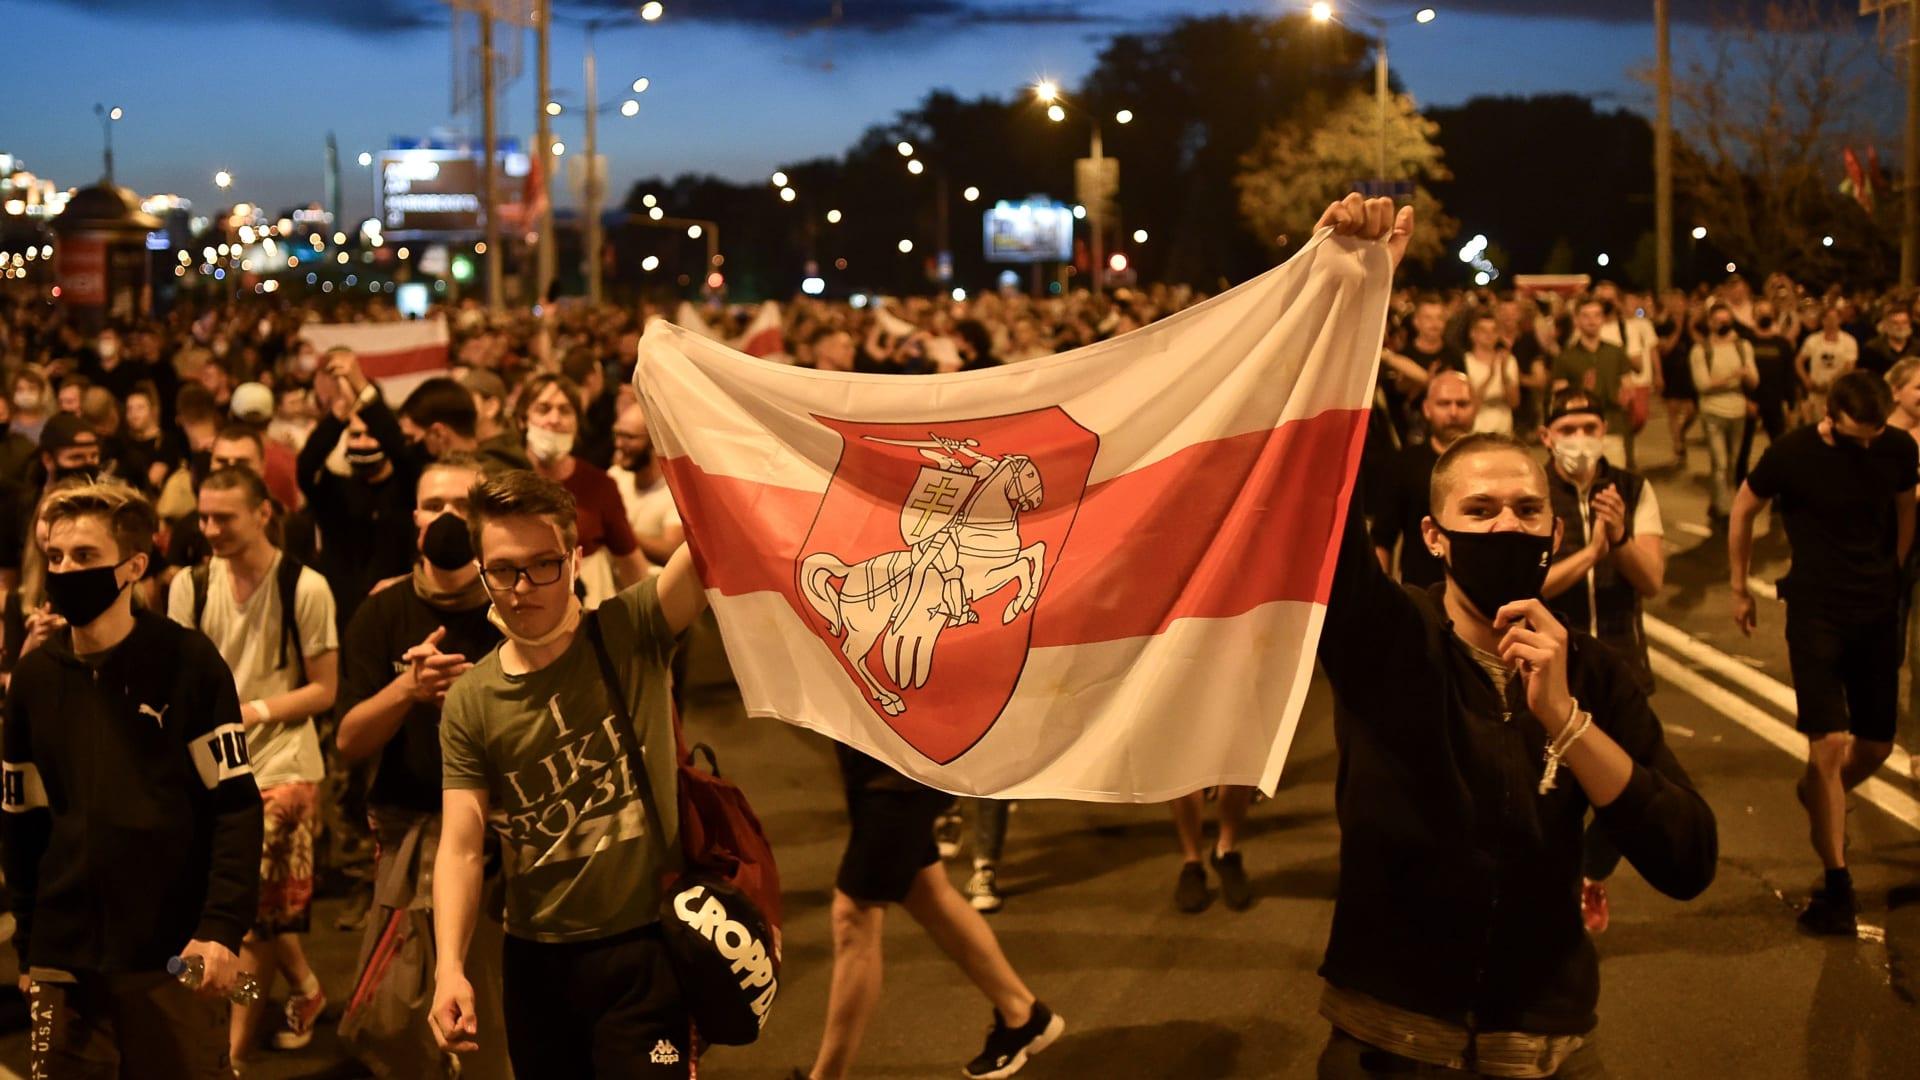 احتجاجات واسعة النطاق في بيلاروسيا بعد ميل نتائج الانتخابات الأولية لصالح الرئيس